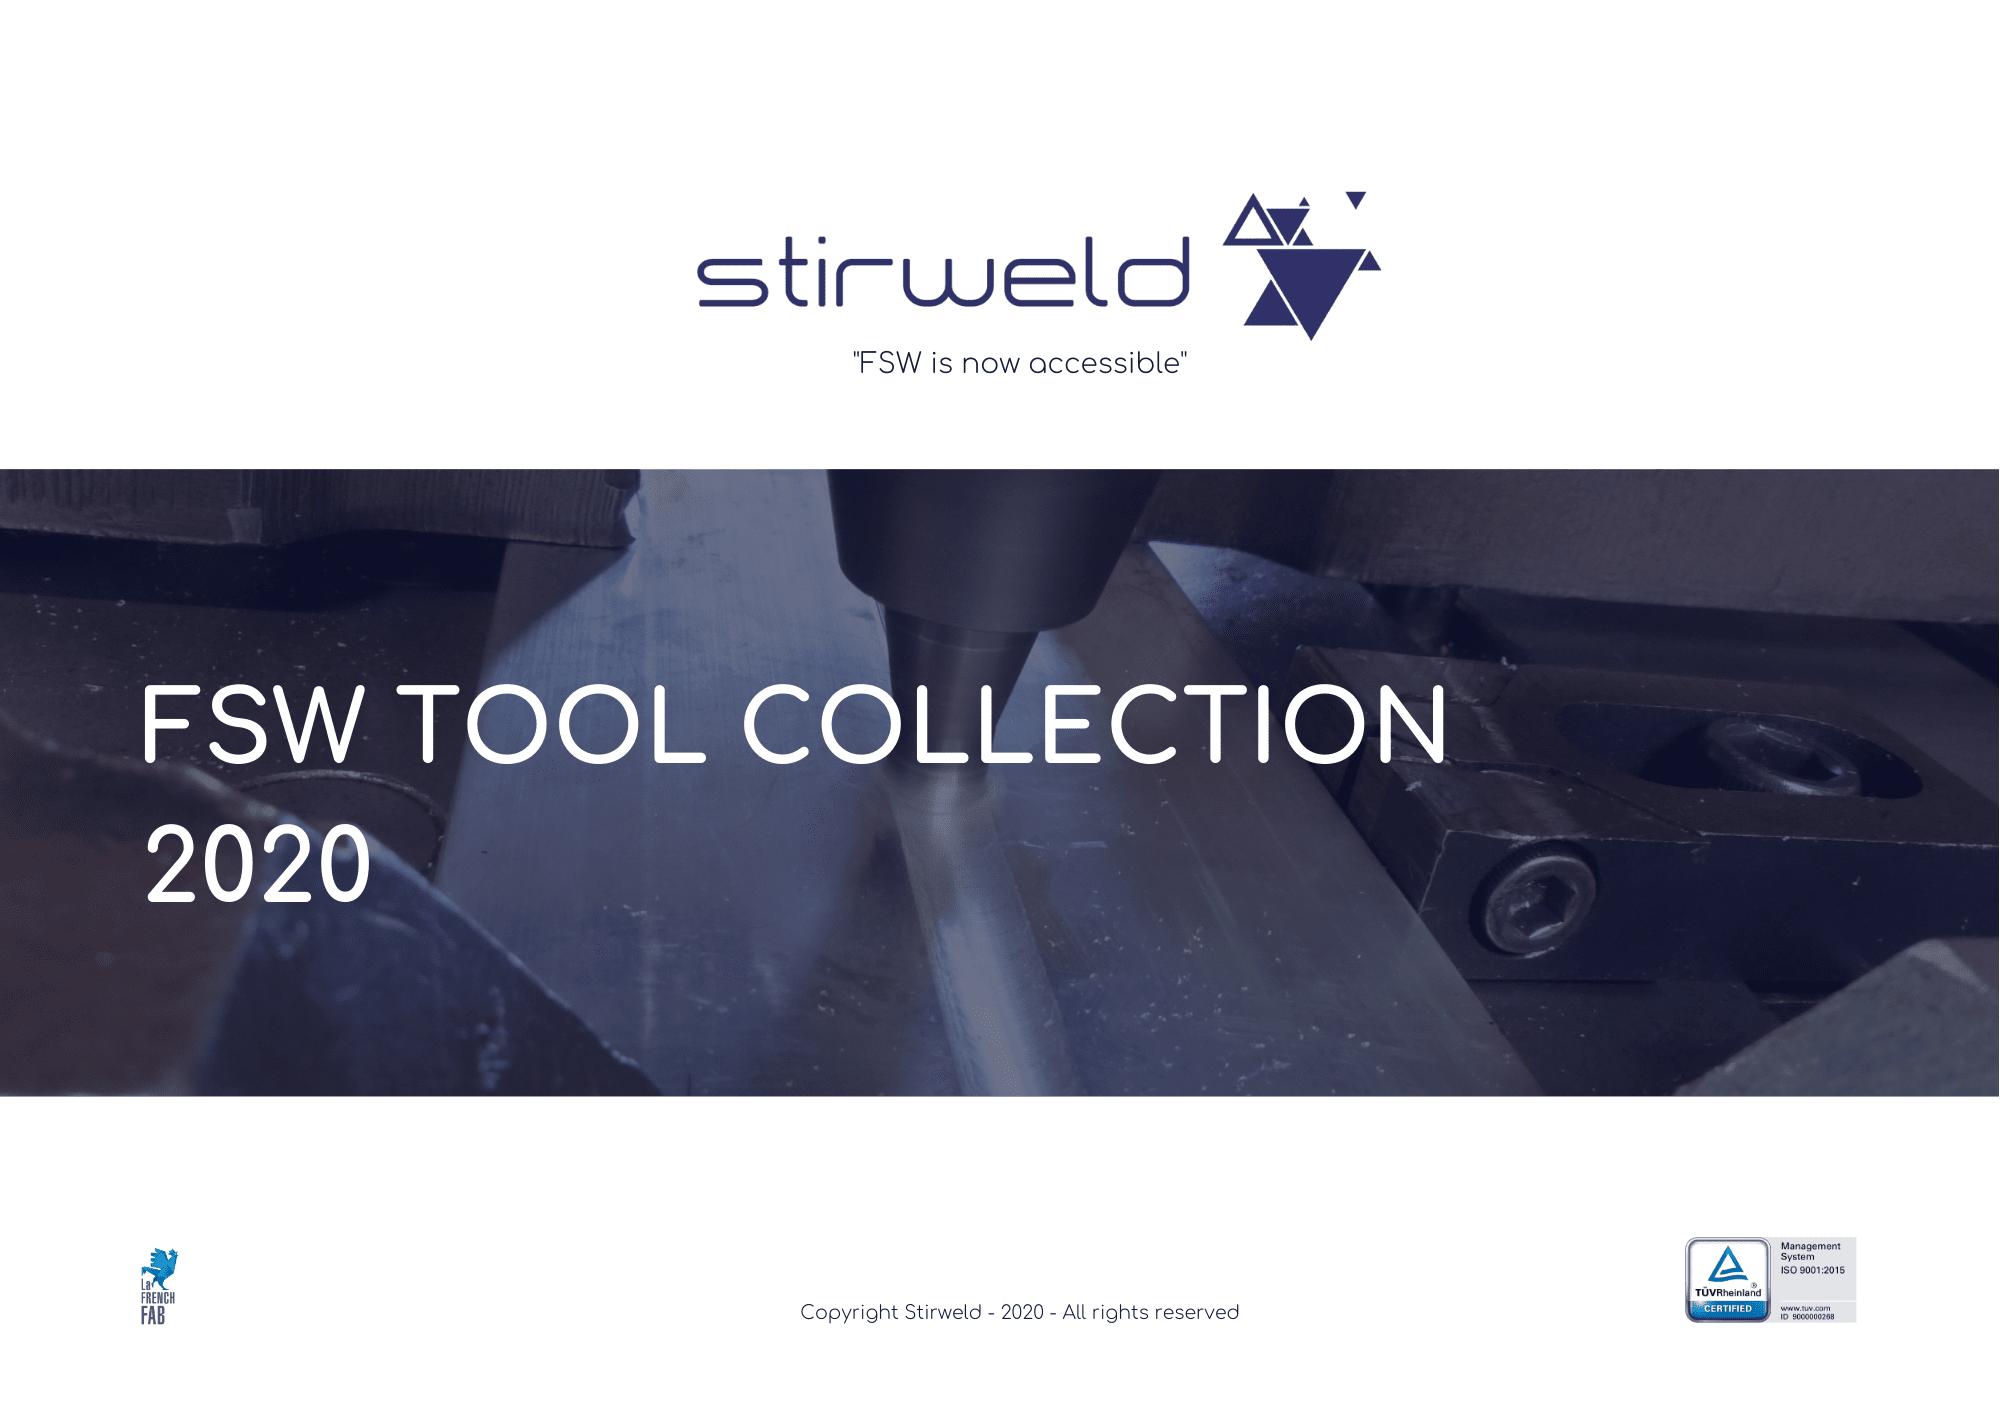 FSW tools